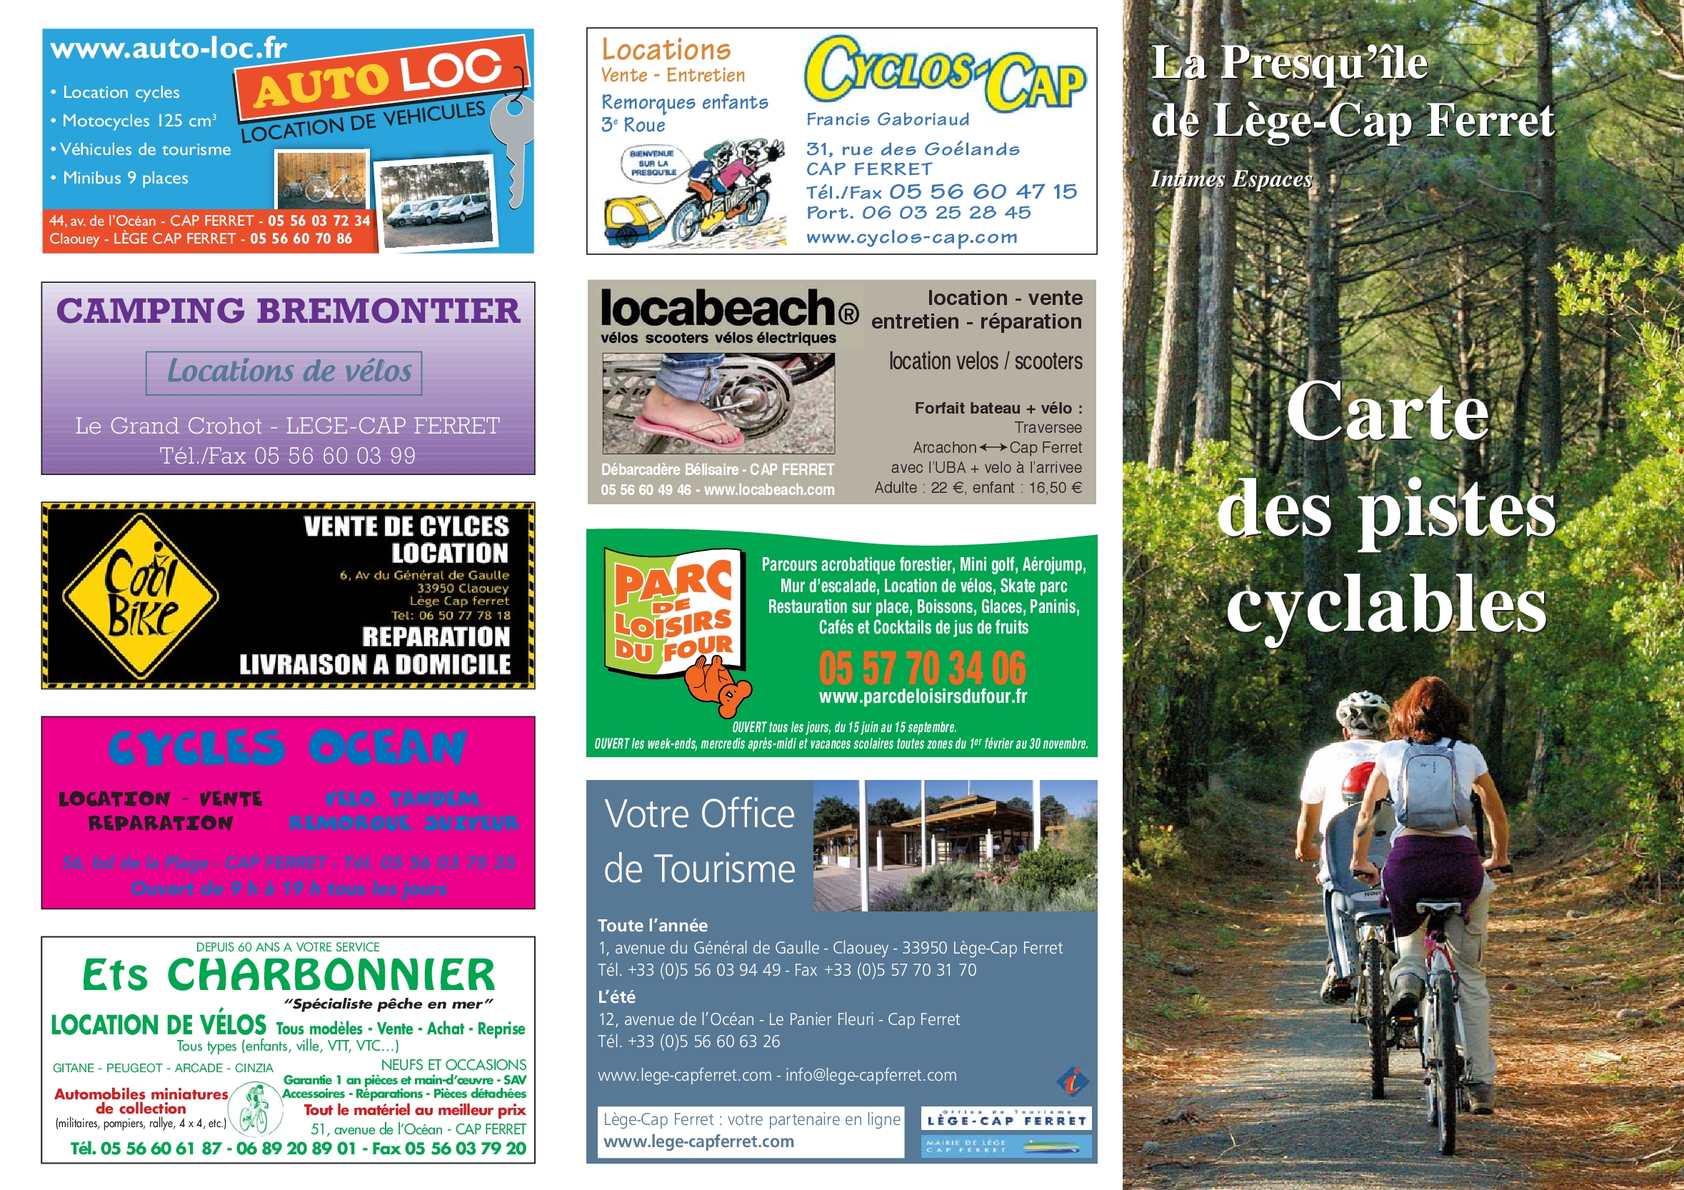 Calam o carte des pistes cyclables - Office de tourisme de lege cap ferret ...